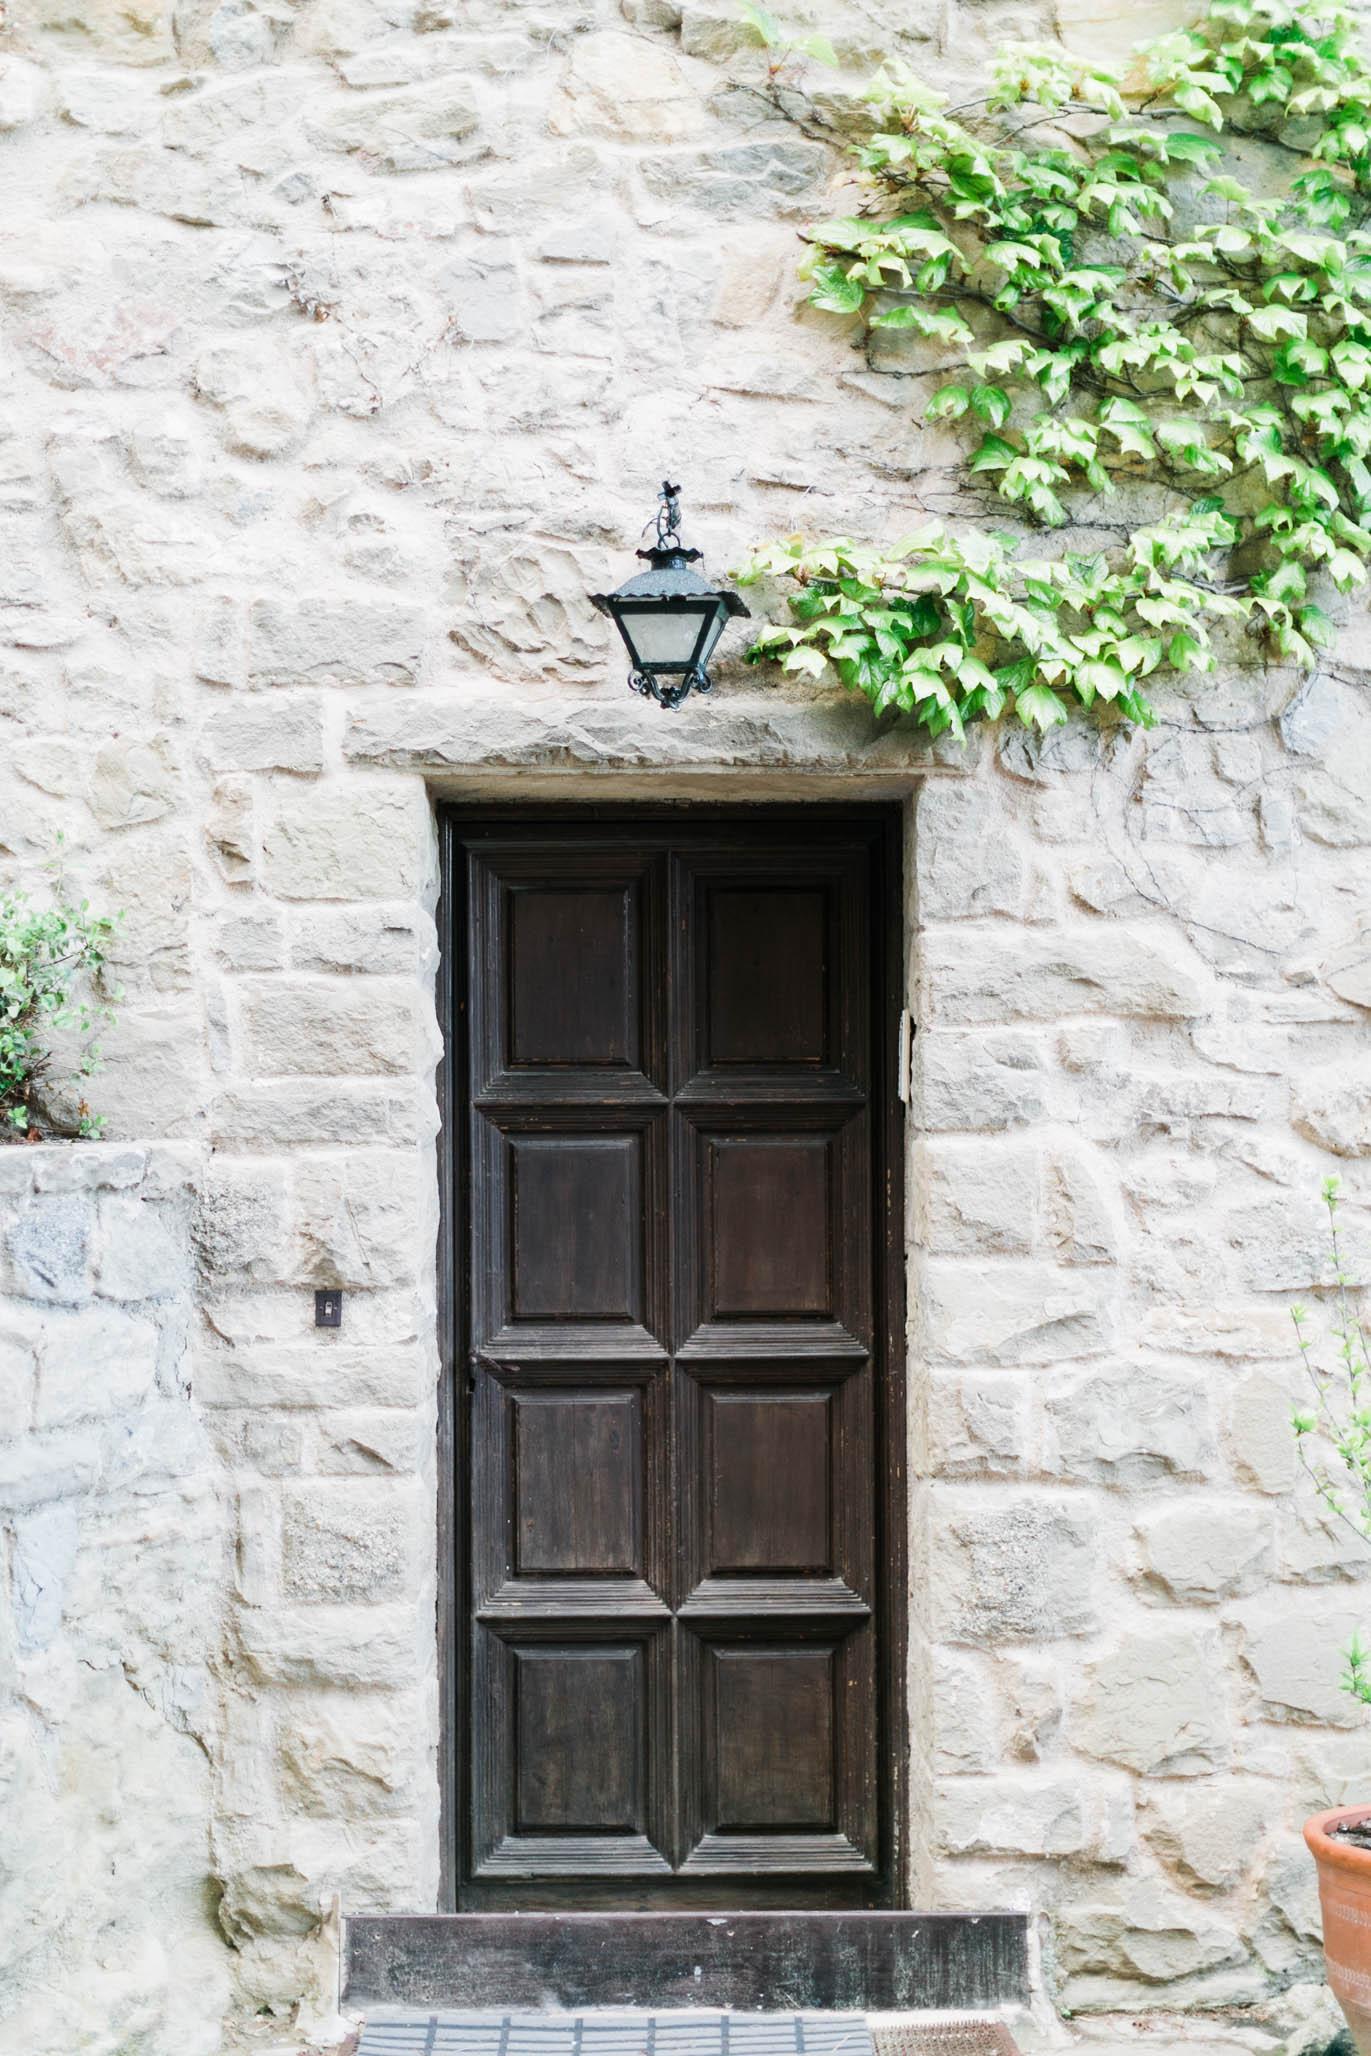 Mid-ceremony, this beautiful door distracted me.